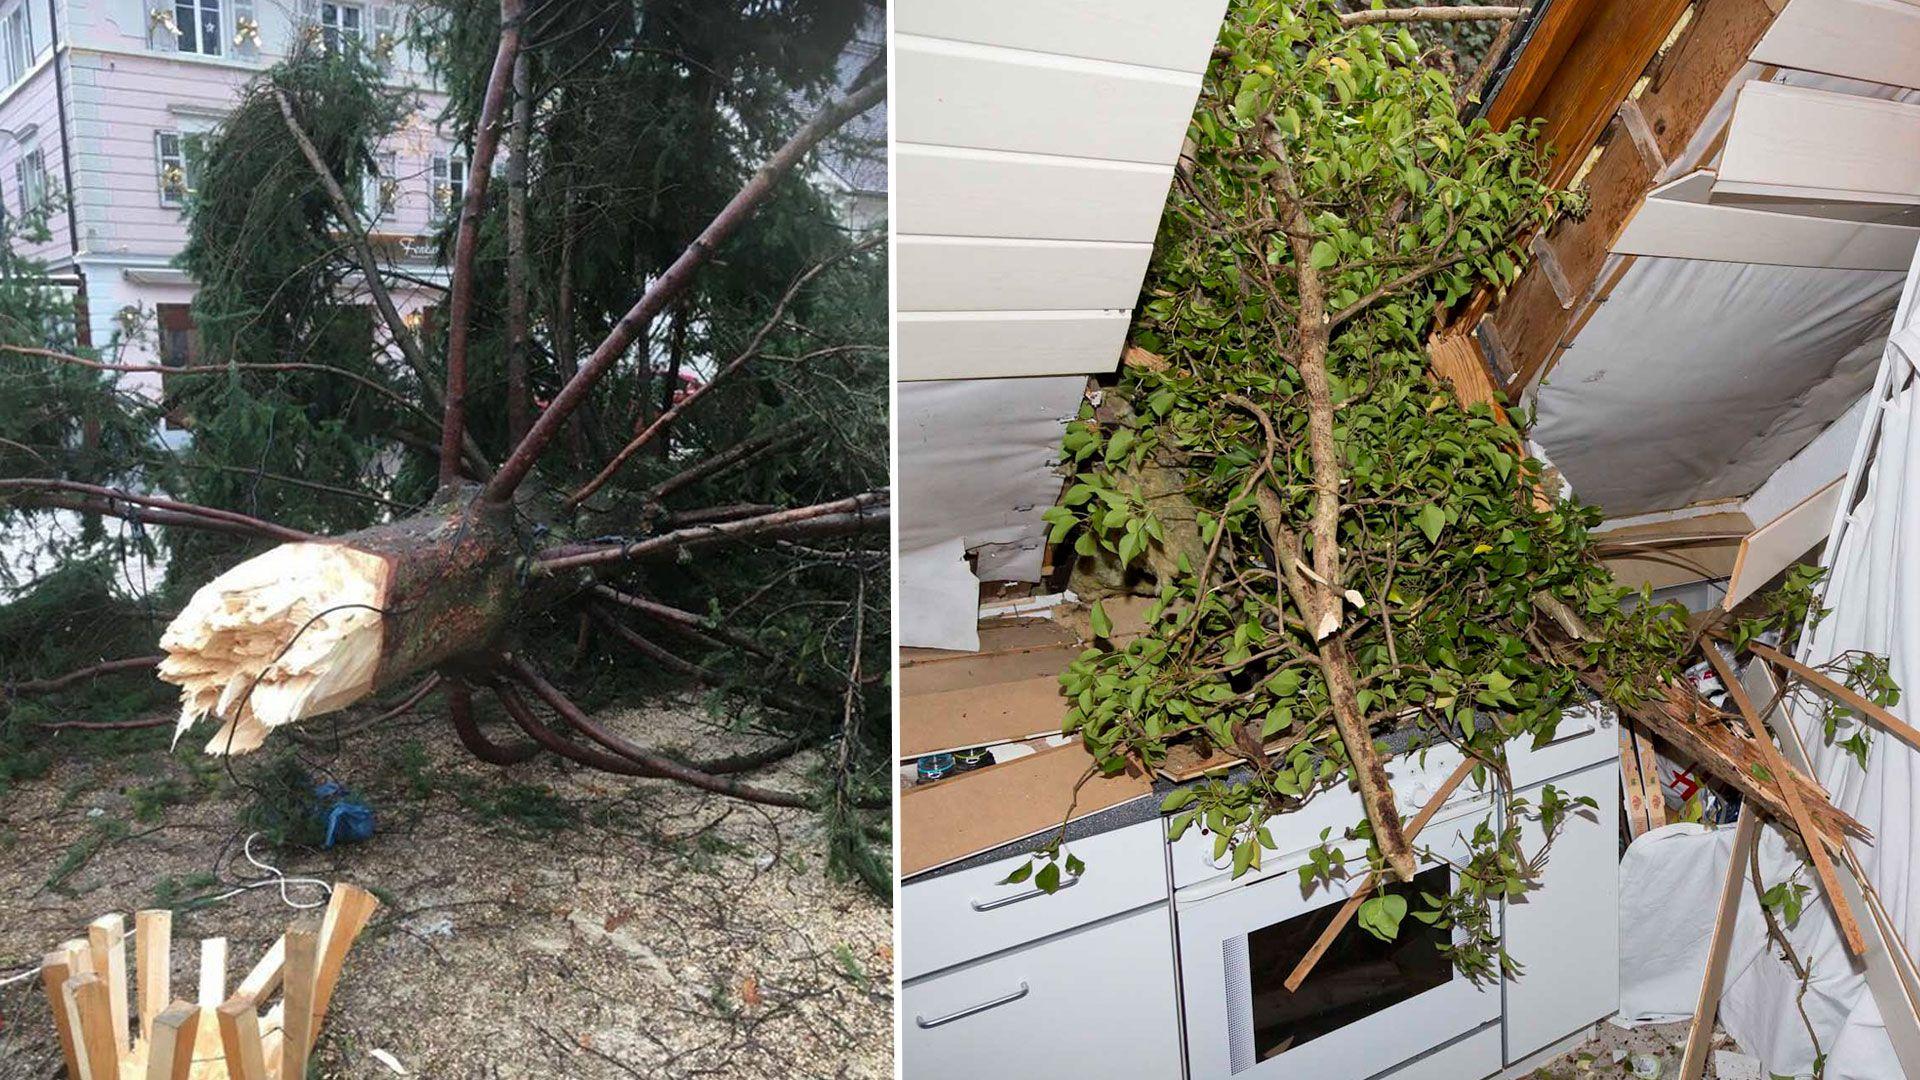 Sturmwind führte zu zahlreichen Feuerwehreinsätzen in Vorarlberg